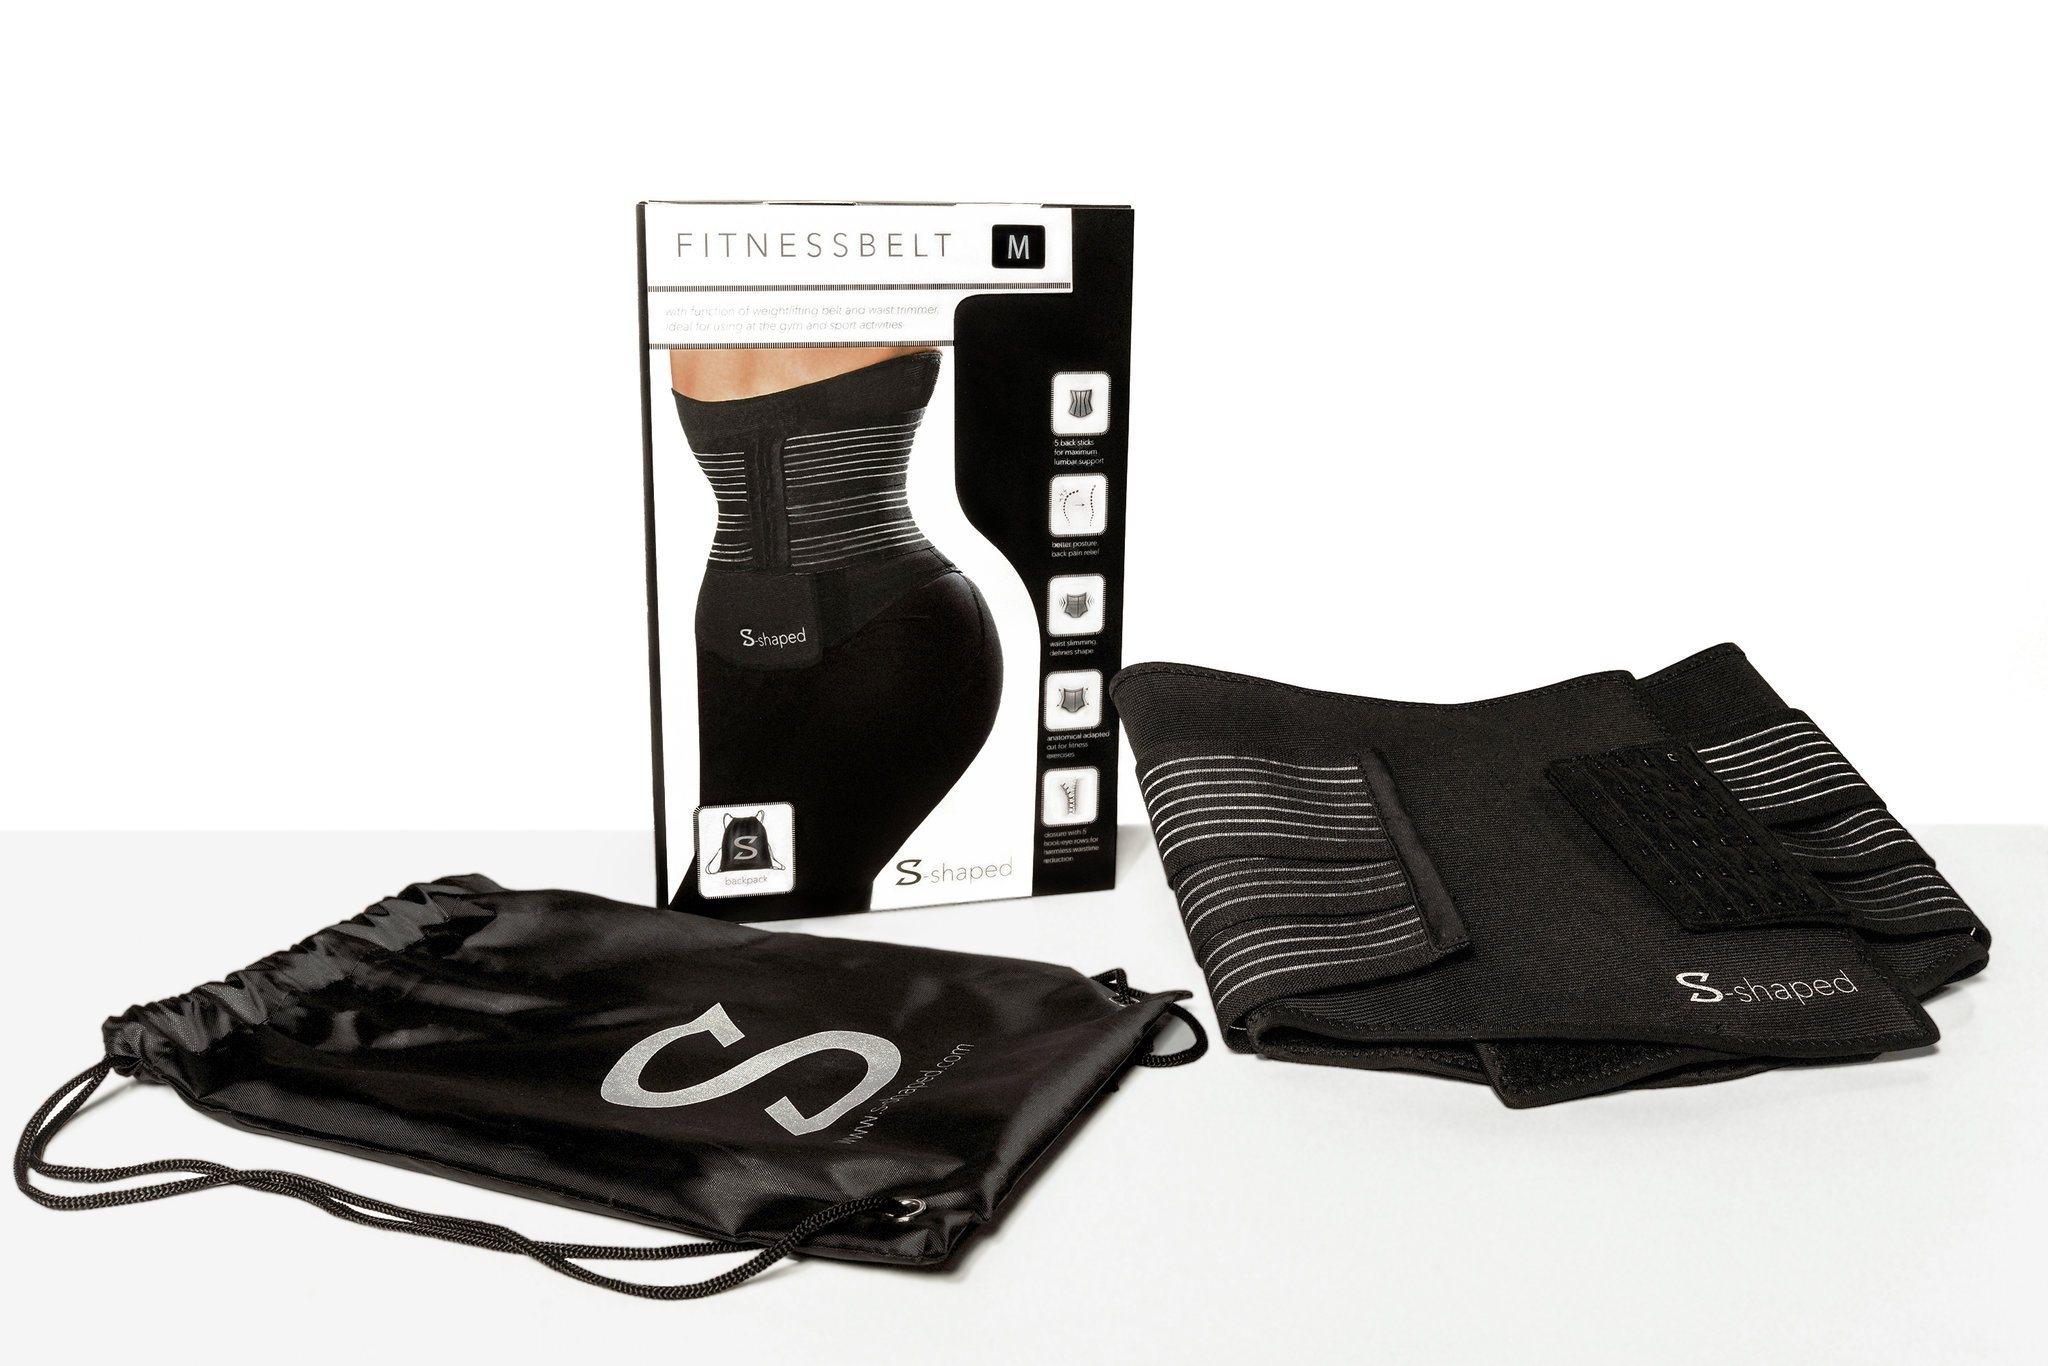 S-shaped Fitness Gürtel - Waisttrainer mit Funktion einer Korsage für die optimale Formung einer schmalen Taille. Jetzt bei Sportnahrung Engel!